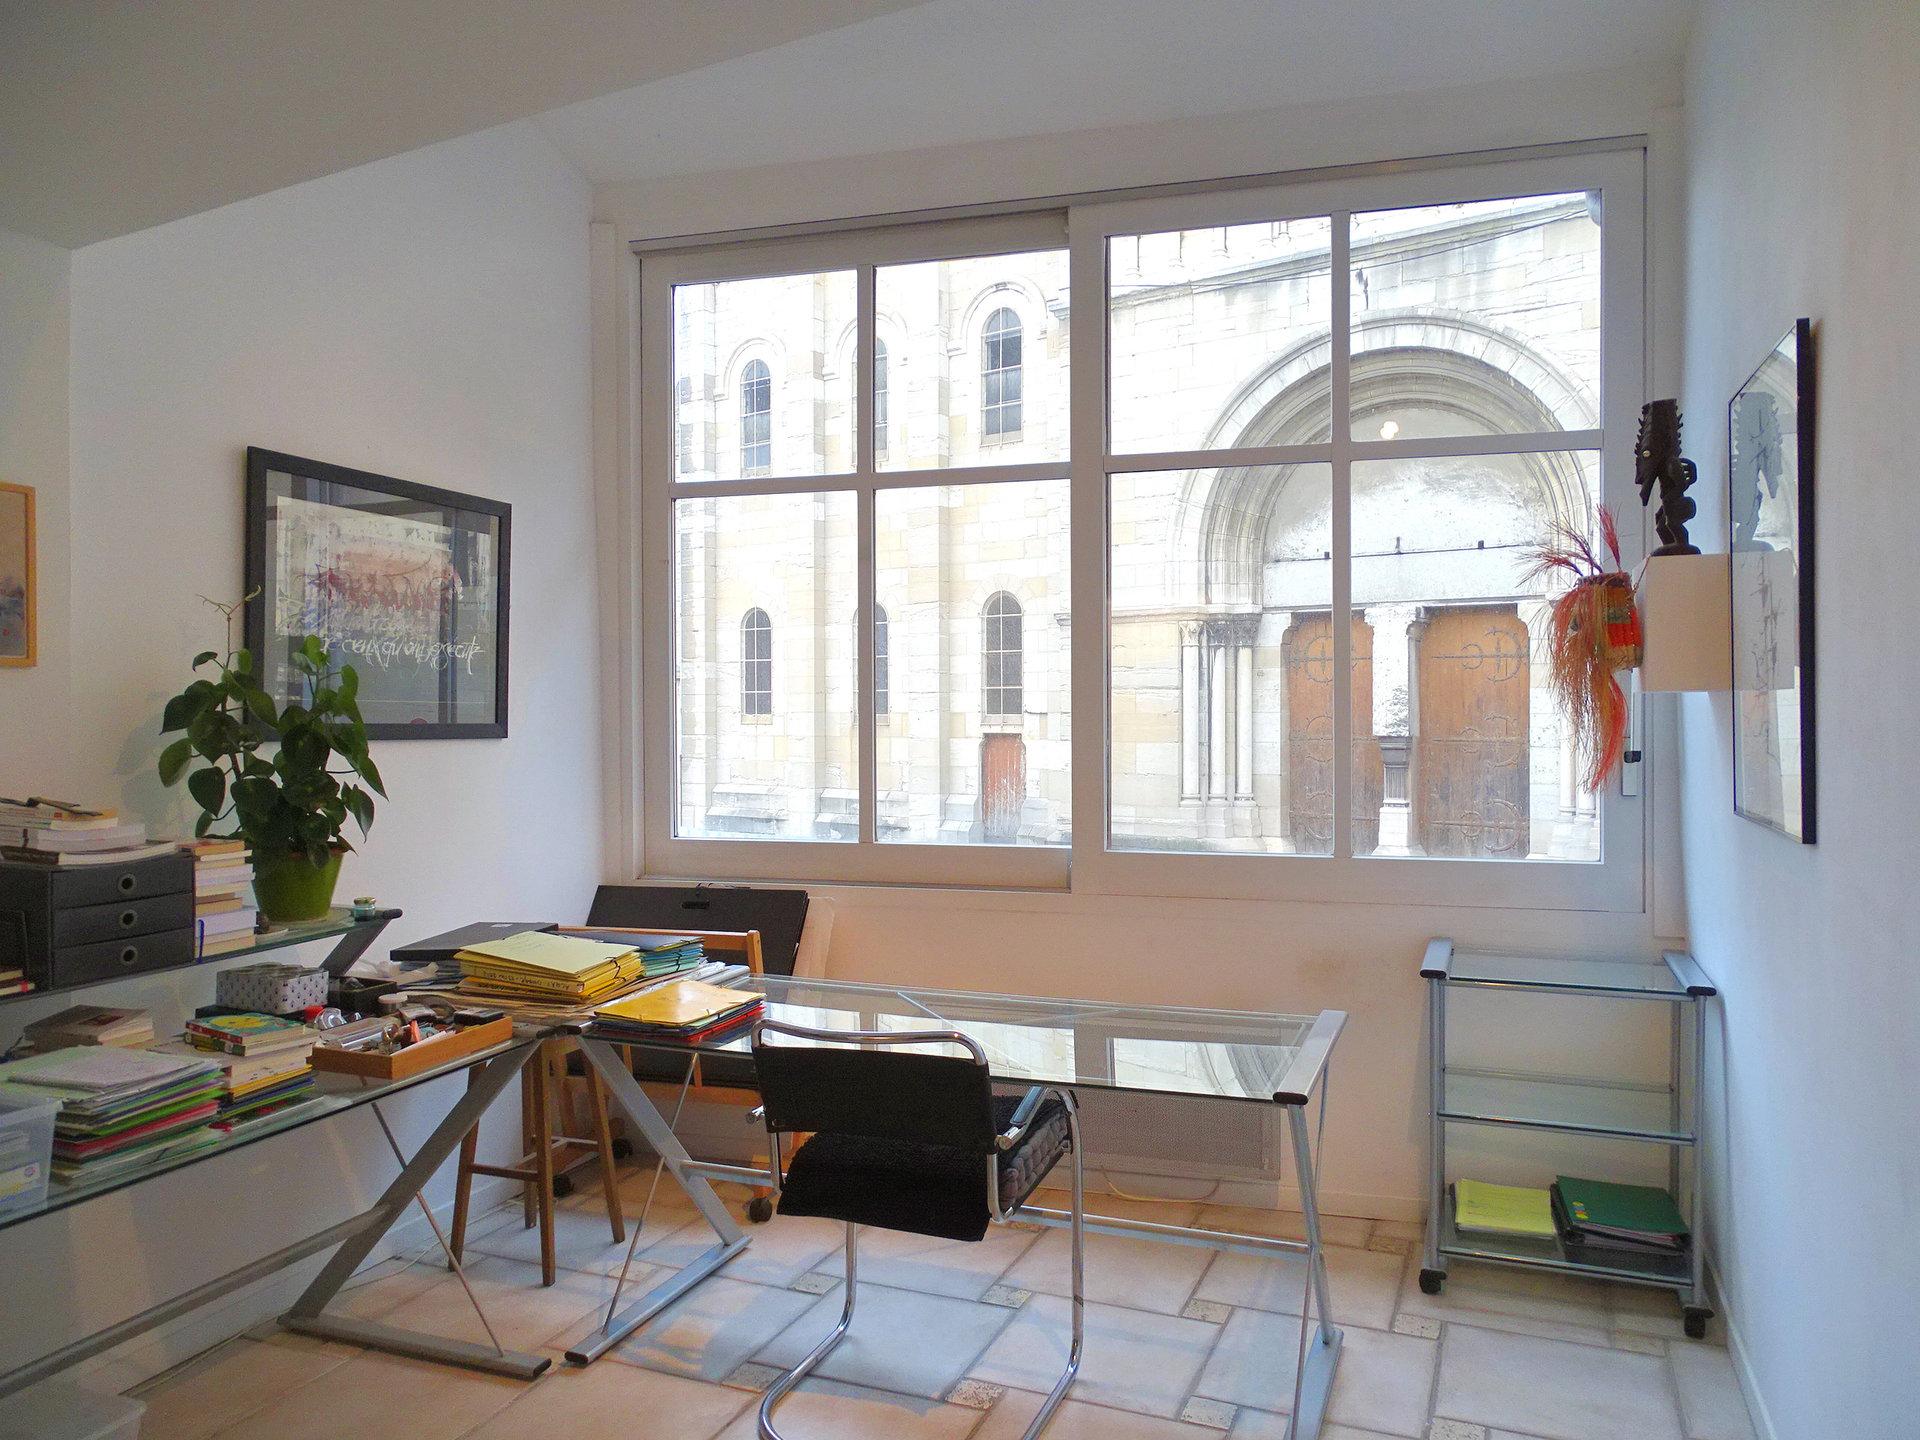 En plein coeur de ville, découvrez cet ensemble  atypique comprenant un espace commercial de 45m² au RDC, indépendant, avec sanitaires et donnant sur courette privative. A l'étage, un appartement de trois pièces de 90 m², en duplex, bénéficie d'une terrasse privée et d'une vue privilégiée sur la Place Saint-Pierre. Le premier niveau comprend une cuisine équipée, un séjour, une salle de bains avec WC. L'étage comprend deux grandes chambres en enfilade. Un garage non attenant et une cave enterrée viennent compléter ce bien original, dans lequel plusieurs fonctions sont envisageables. Honoraires à la charge du vendeur.